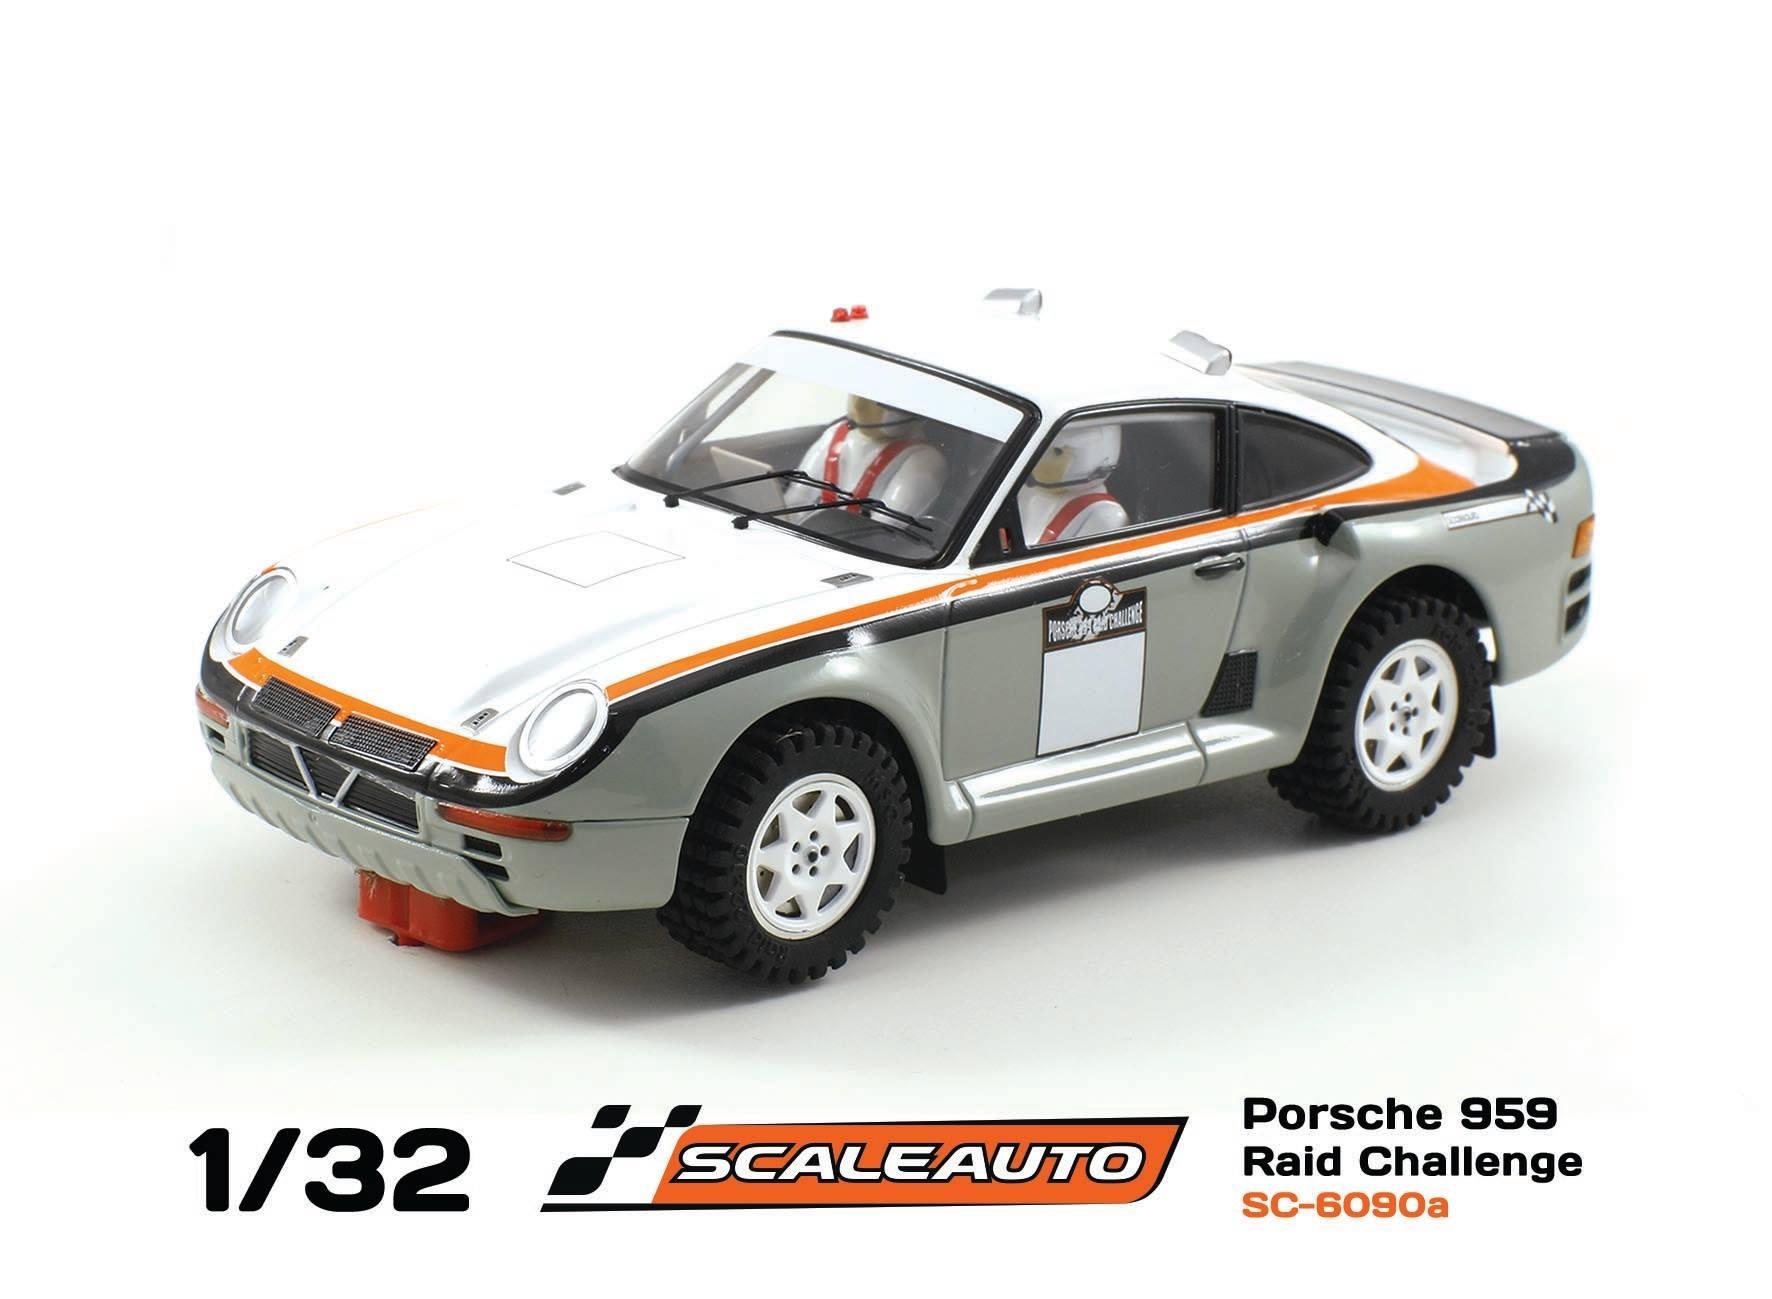 Porsche 959 SC-6090A Gris Challenge Raid